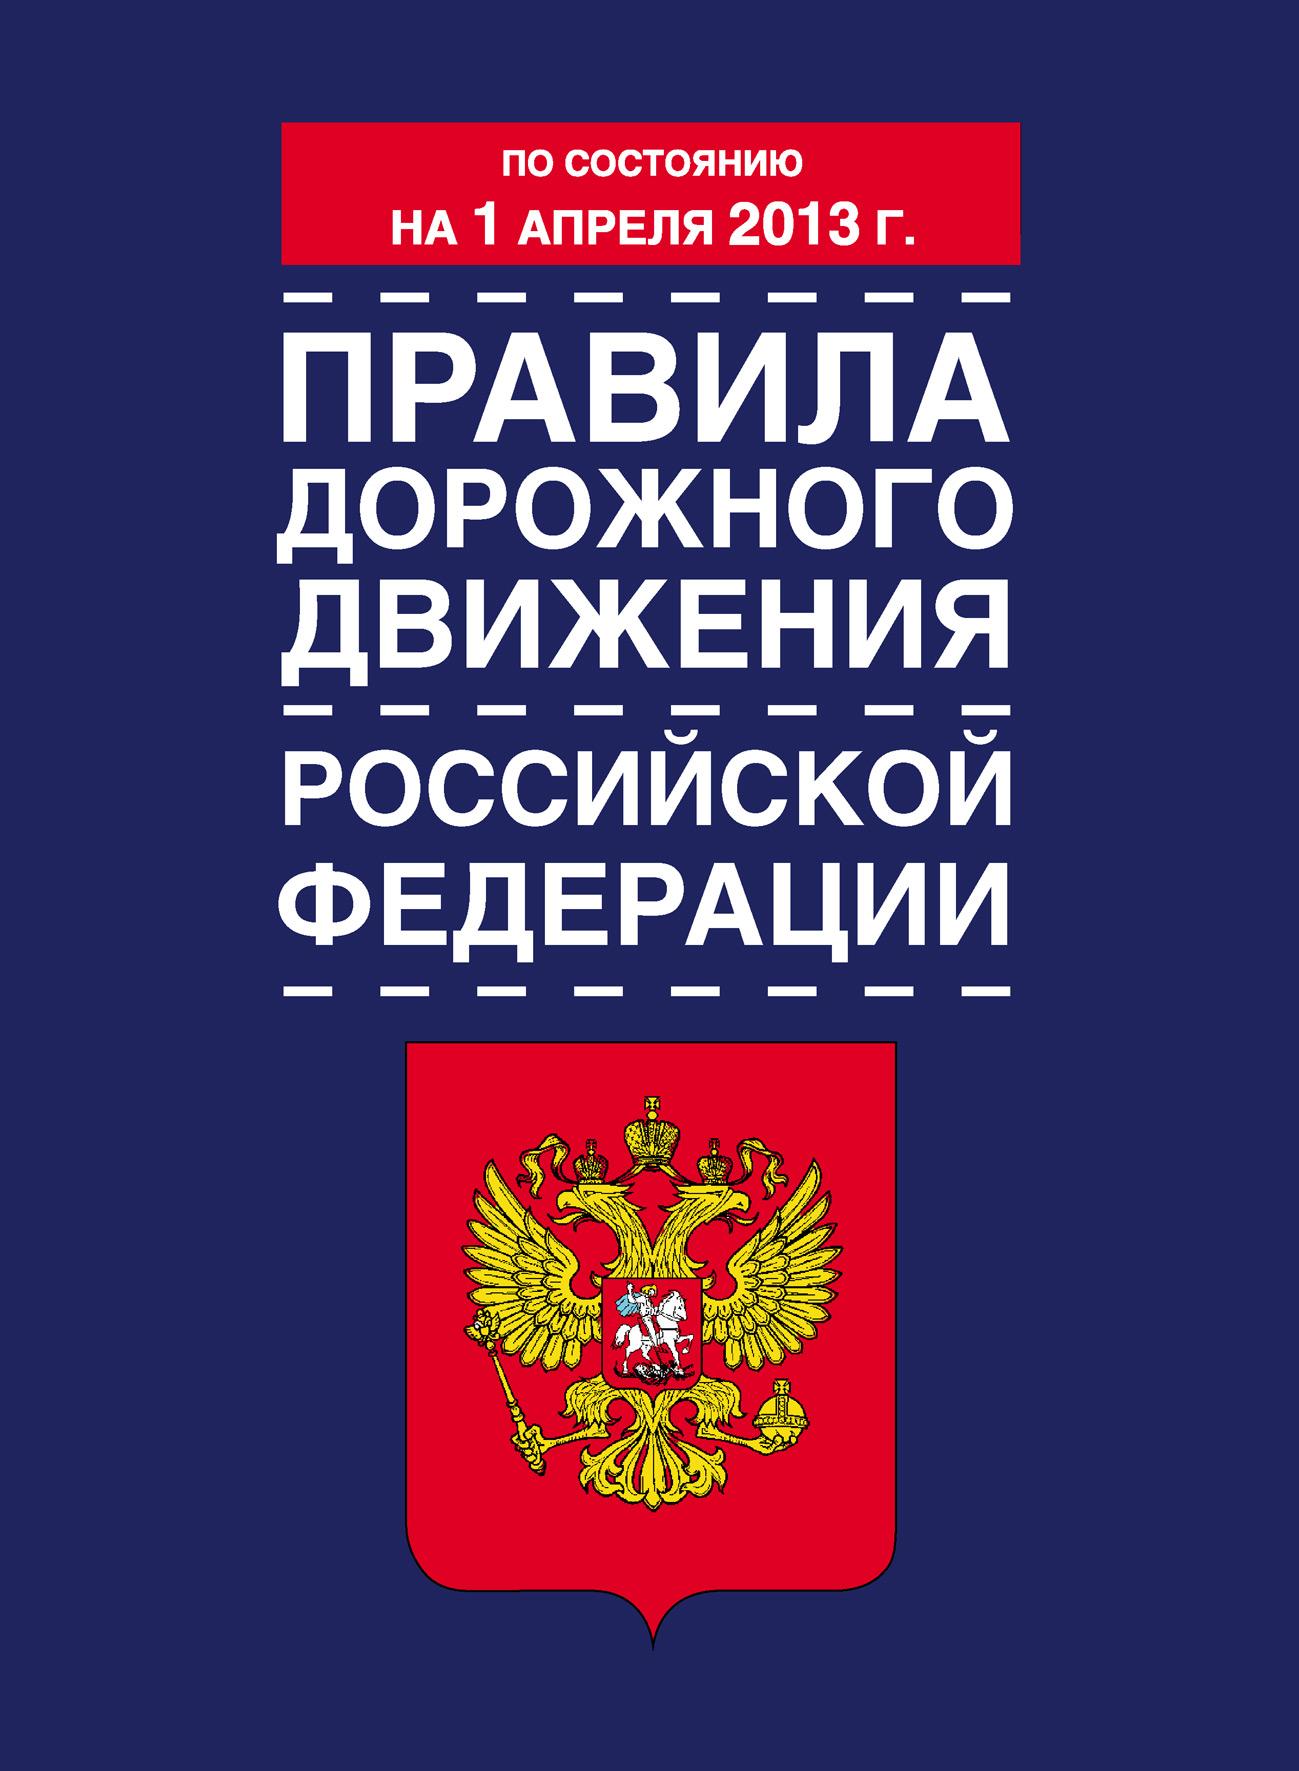 Коллектив авторов Правила дорожного движения Российской Федерации (по состоянию на 1 апреля 2013 года) правила дорожного движения российской федерации по состоянию на 2018 год